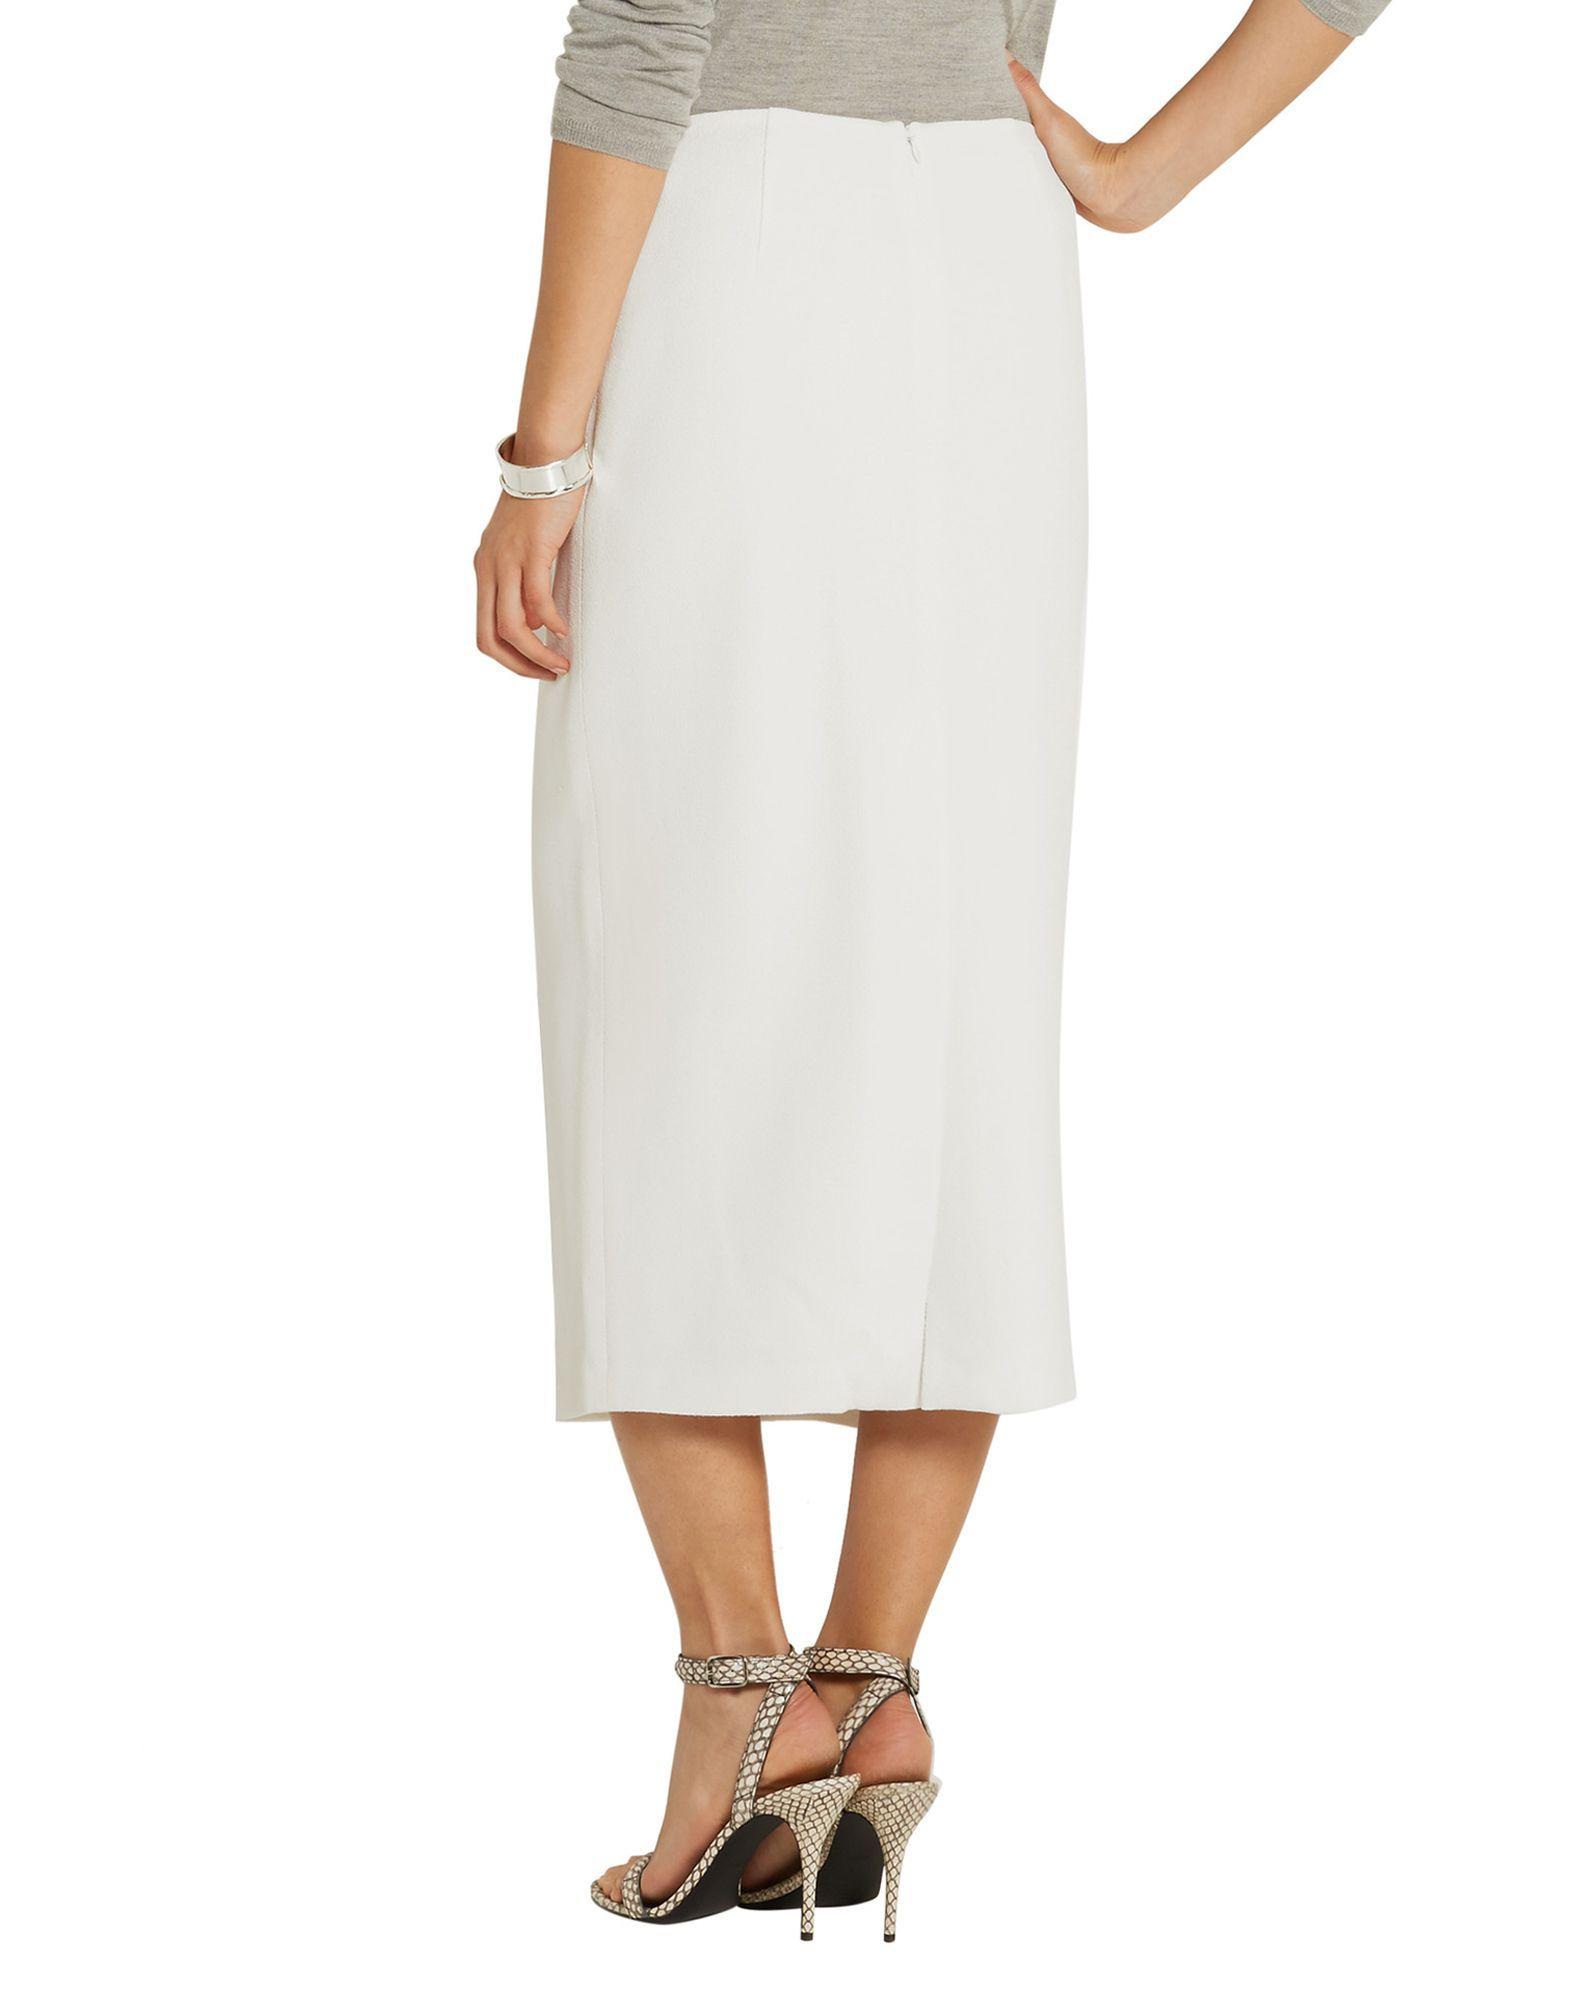 Wes Gordon White Crepe Skirt